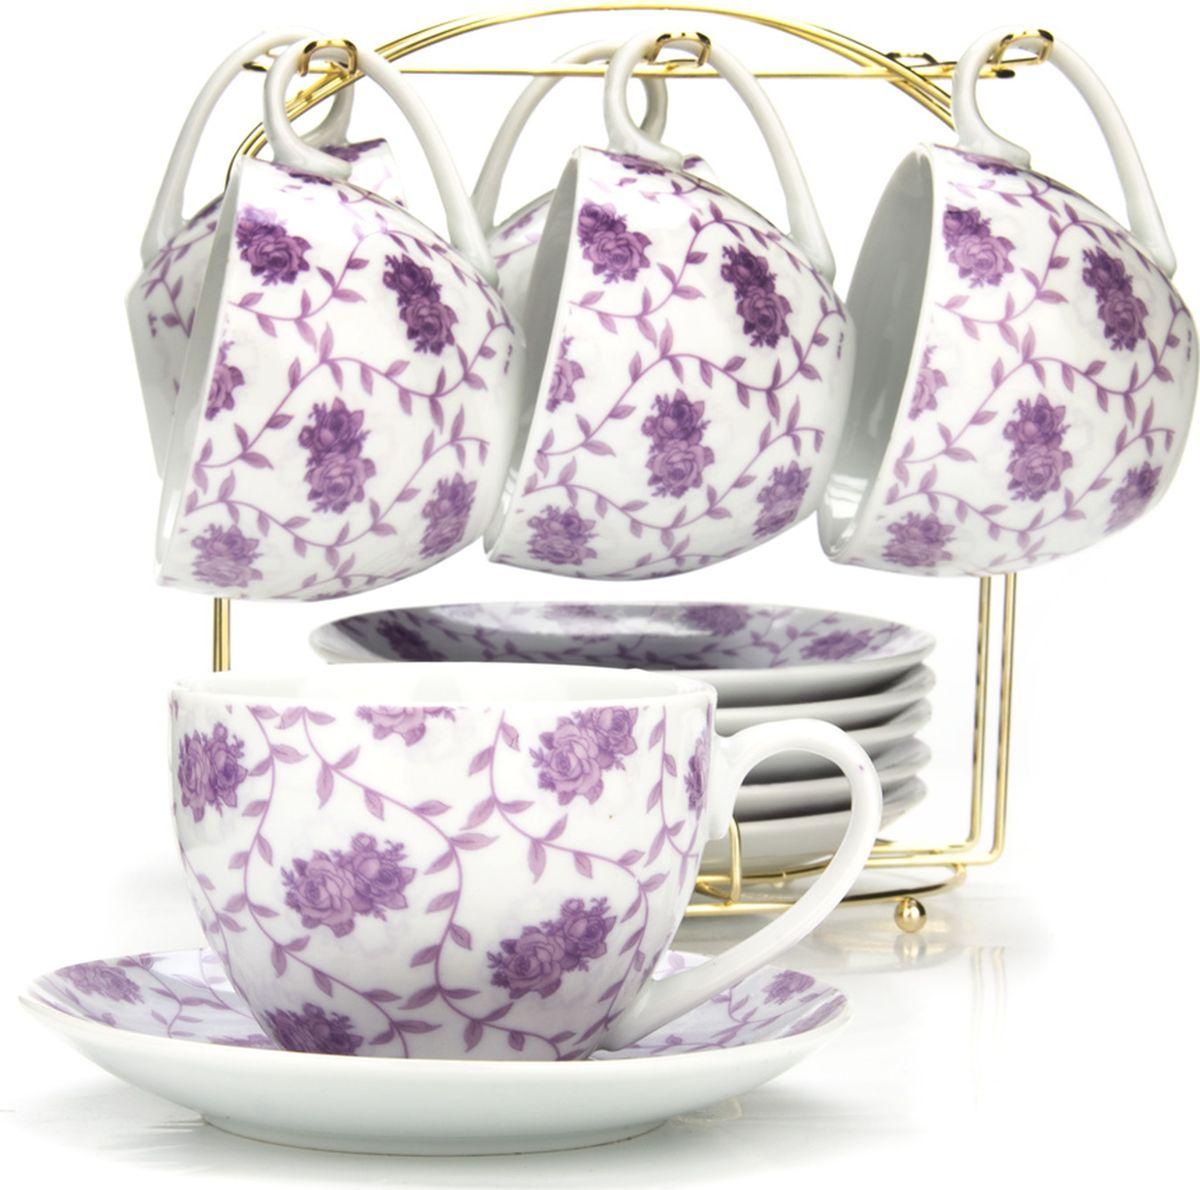 Сервиз чайный Loraine, на подставке, 13 предметов. 4329025954